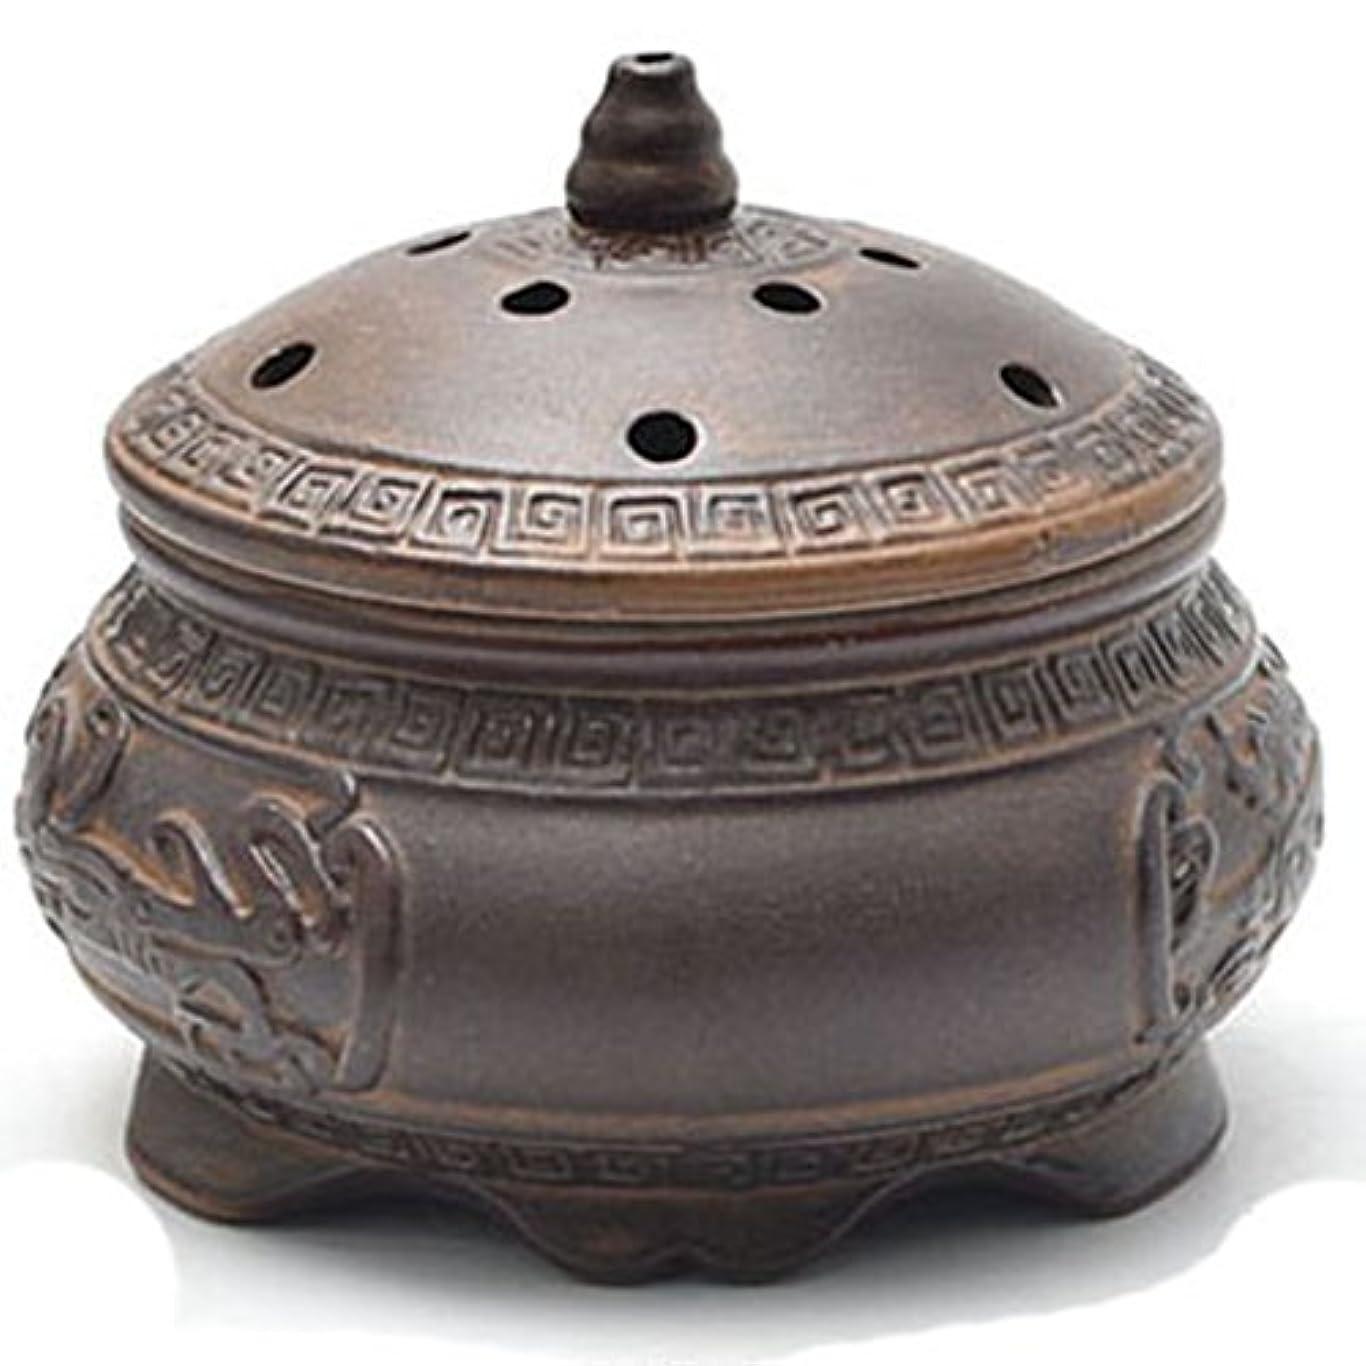 受益者合計縞模様の(ラシューバー) Lasuiveur 香炉 線香立て 香立て 職人さんの手作り 茶道用品 おしゃれ